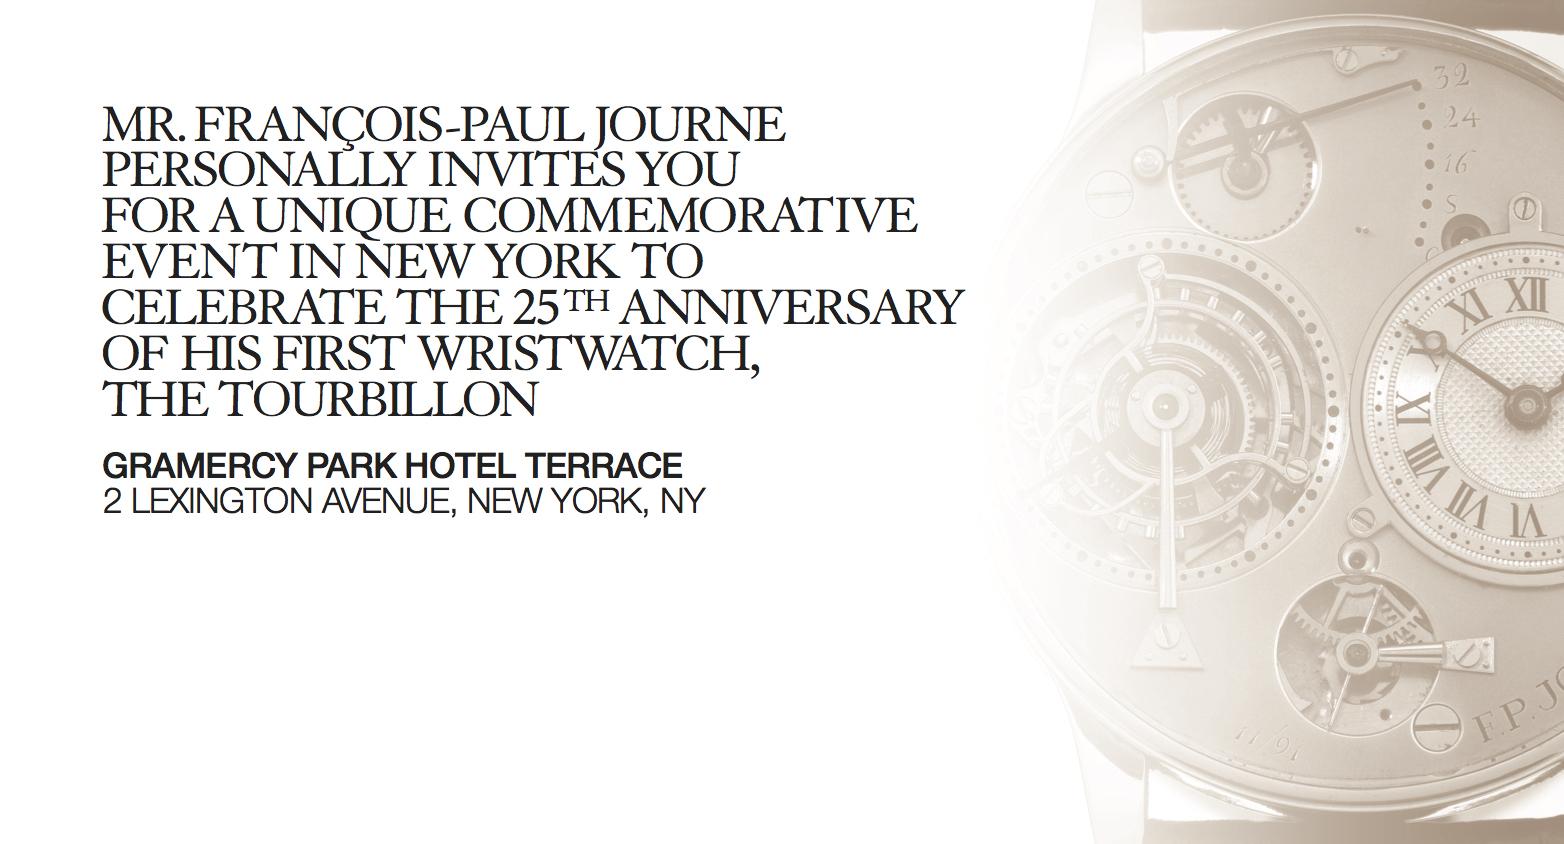 You are invited: invitation to the F.P. Journe Tourbillon Anniversary Event